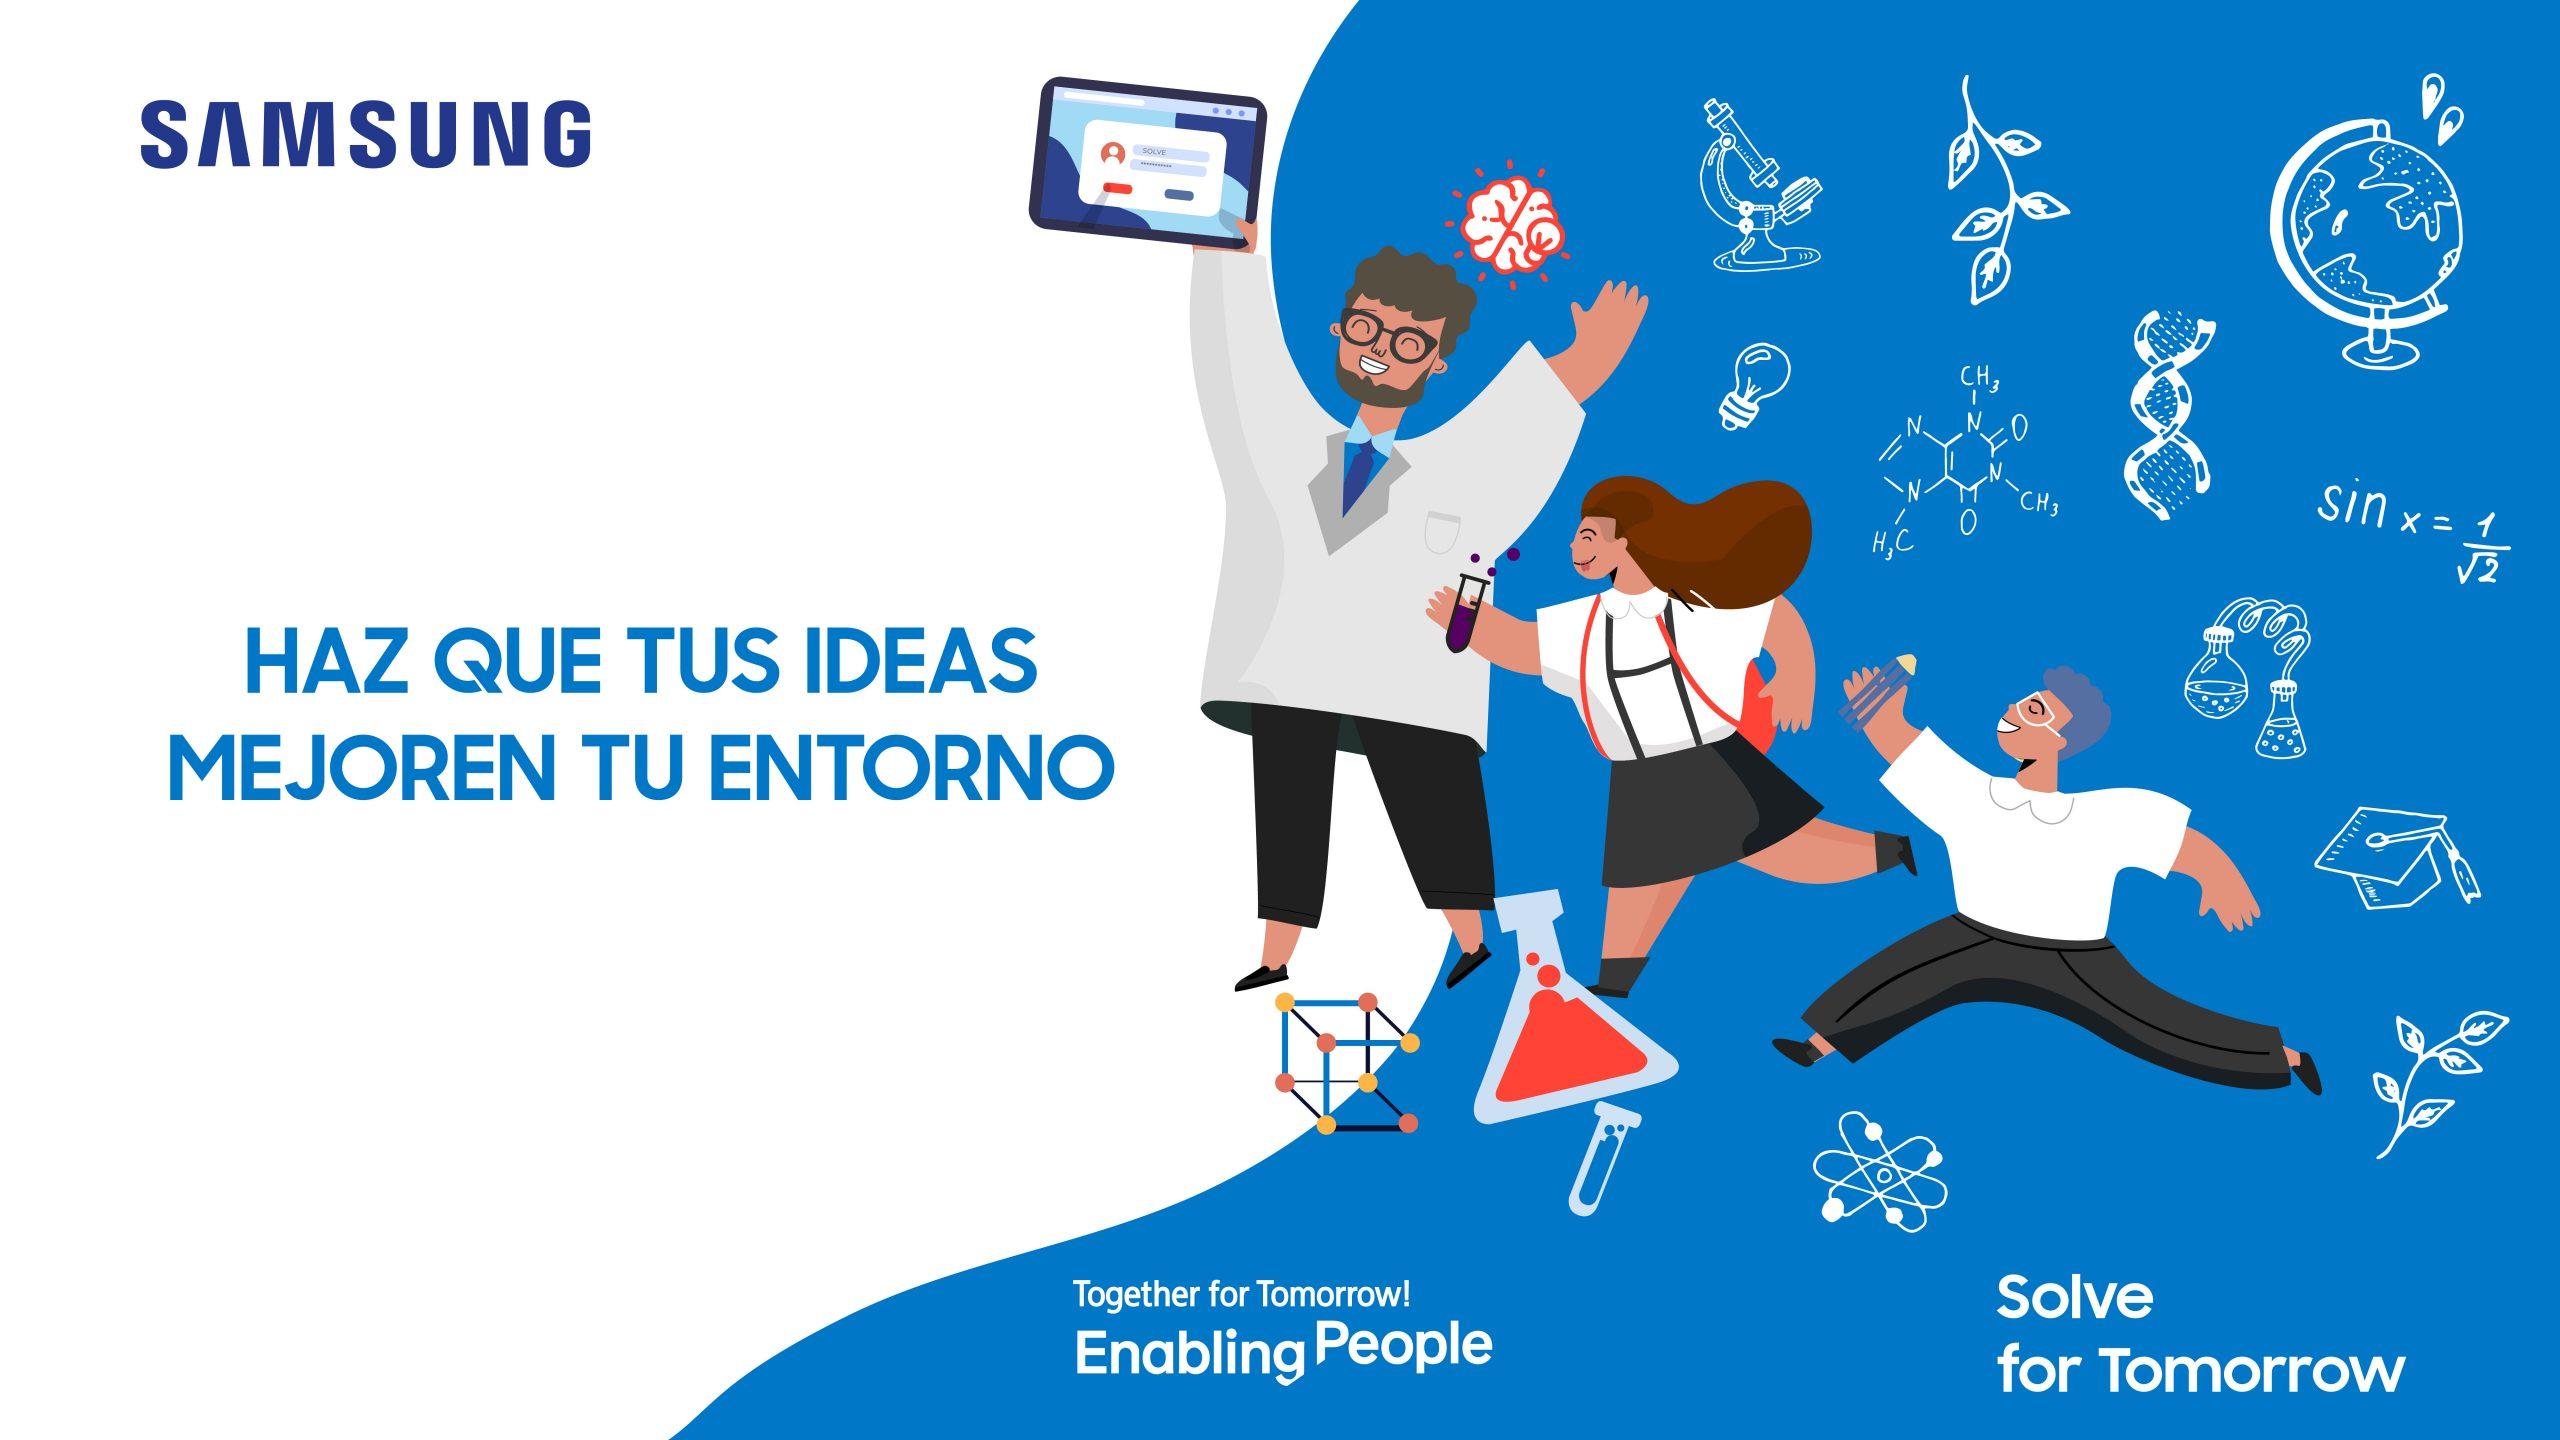 Foto de Samsung anuncio a los semifinalistas de Soluciones para el Futuro